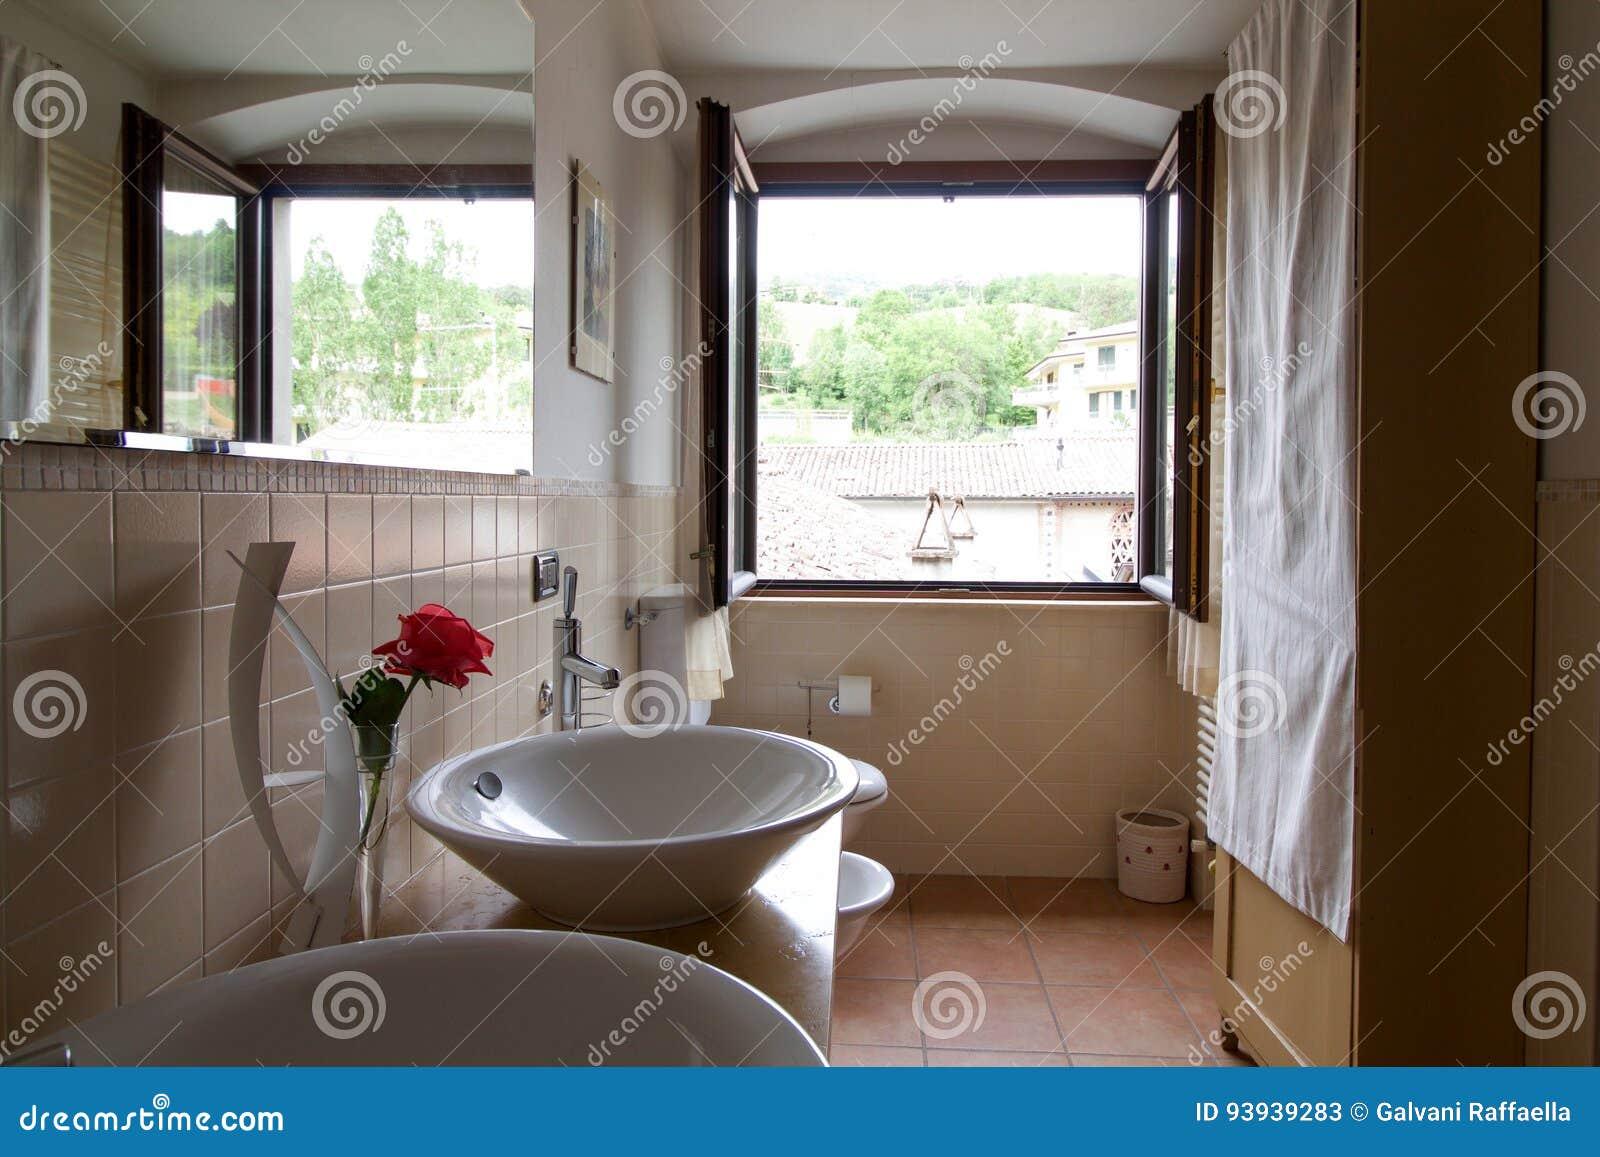 Bagni Per Case Di Campagna : Il bagno in casa di campagna con la finestra ha riflesso nel mirr